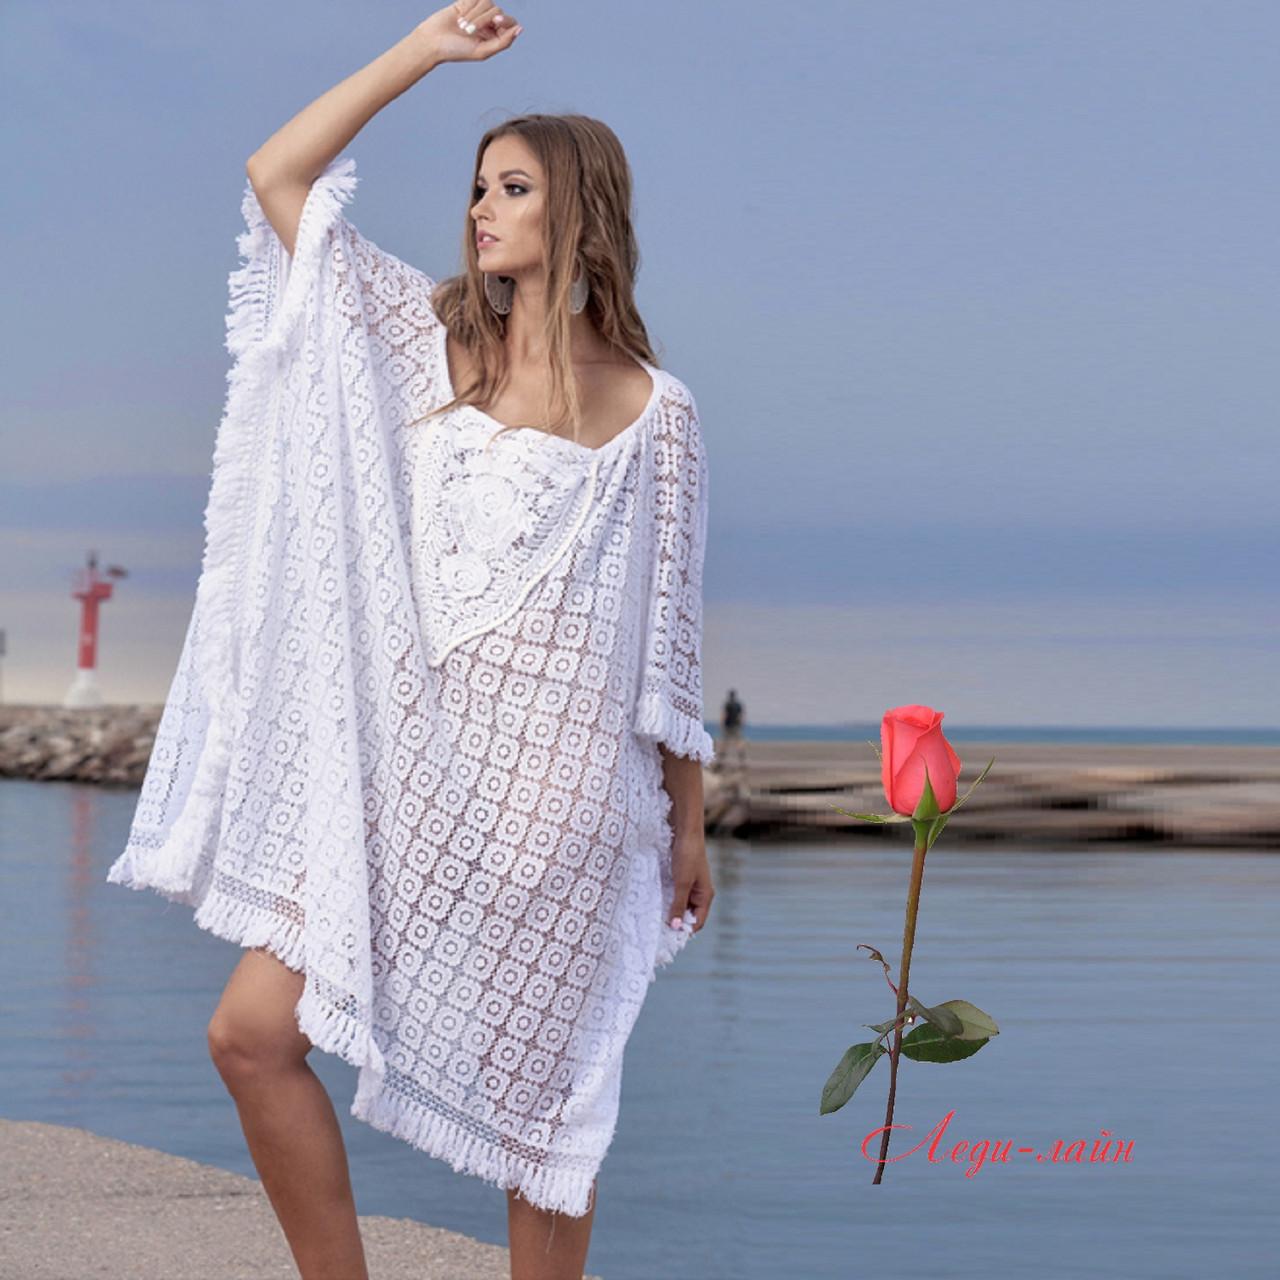 baaa28cd3773 Белая туника для пляжа из натурального хлопка 1325